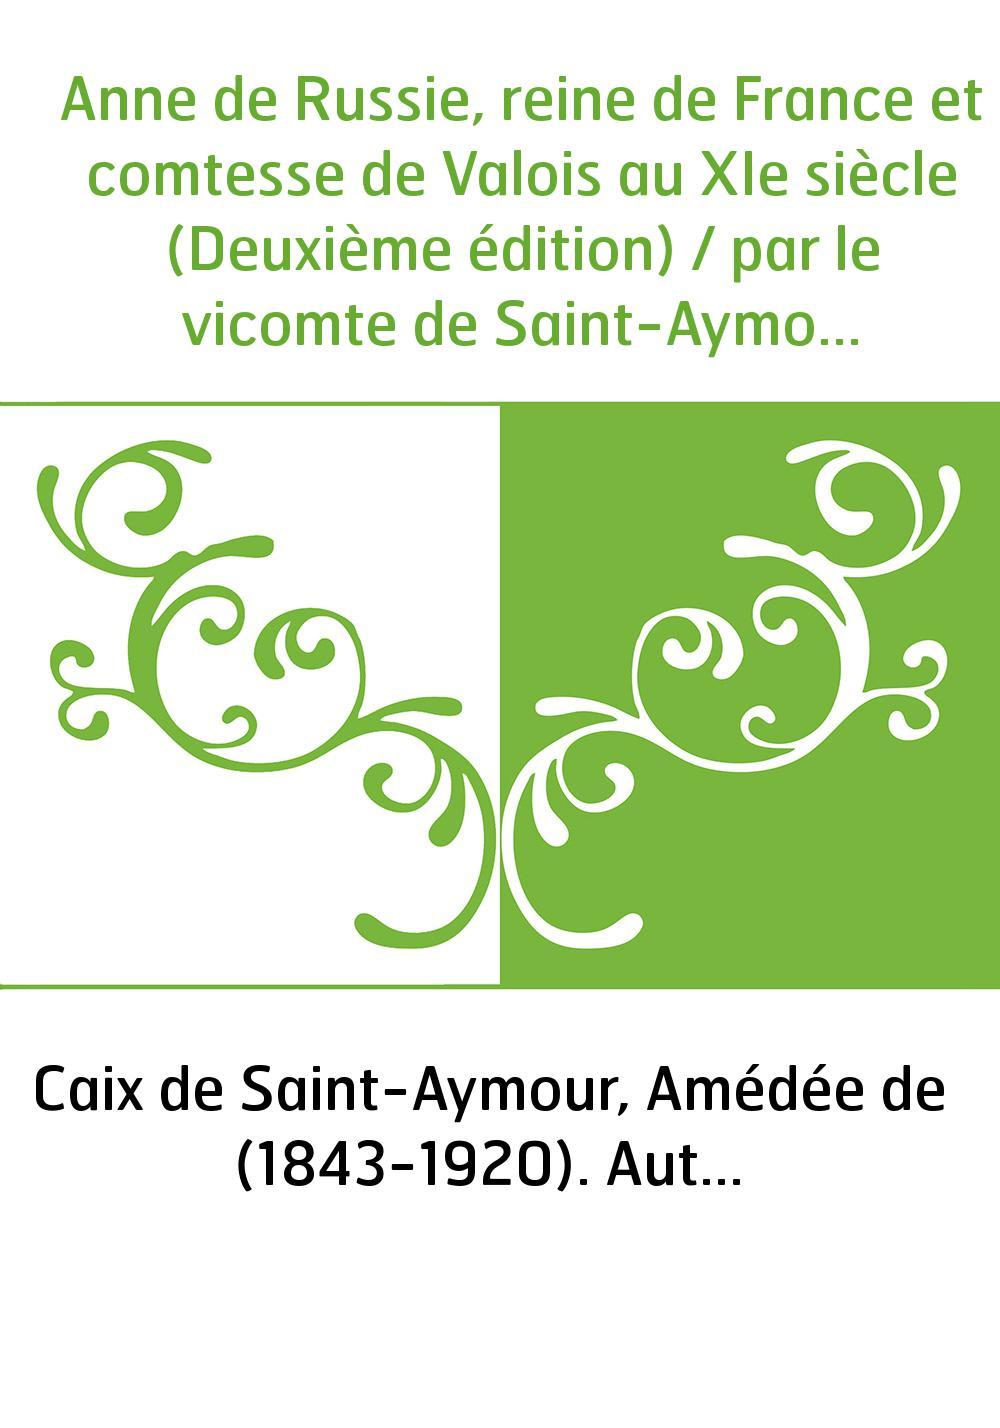 Anne de Russie, reine de France et comtesse de Valois au XIe siècle (Deuxième édition) / par le vicomte de Saint-Aymour